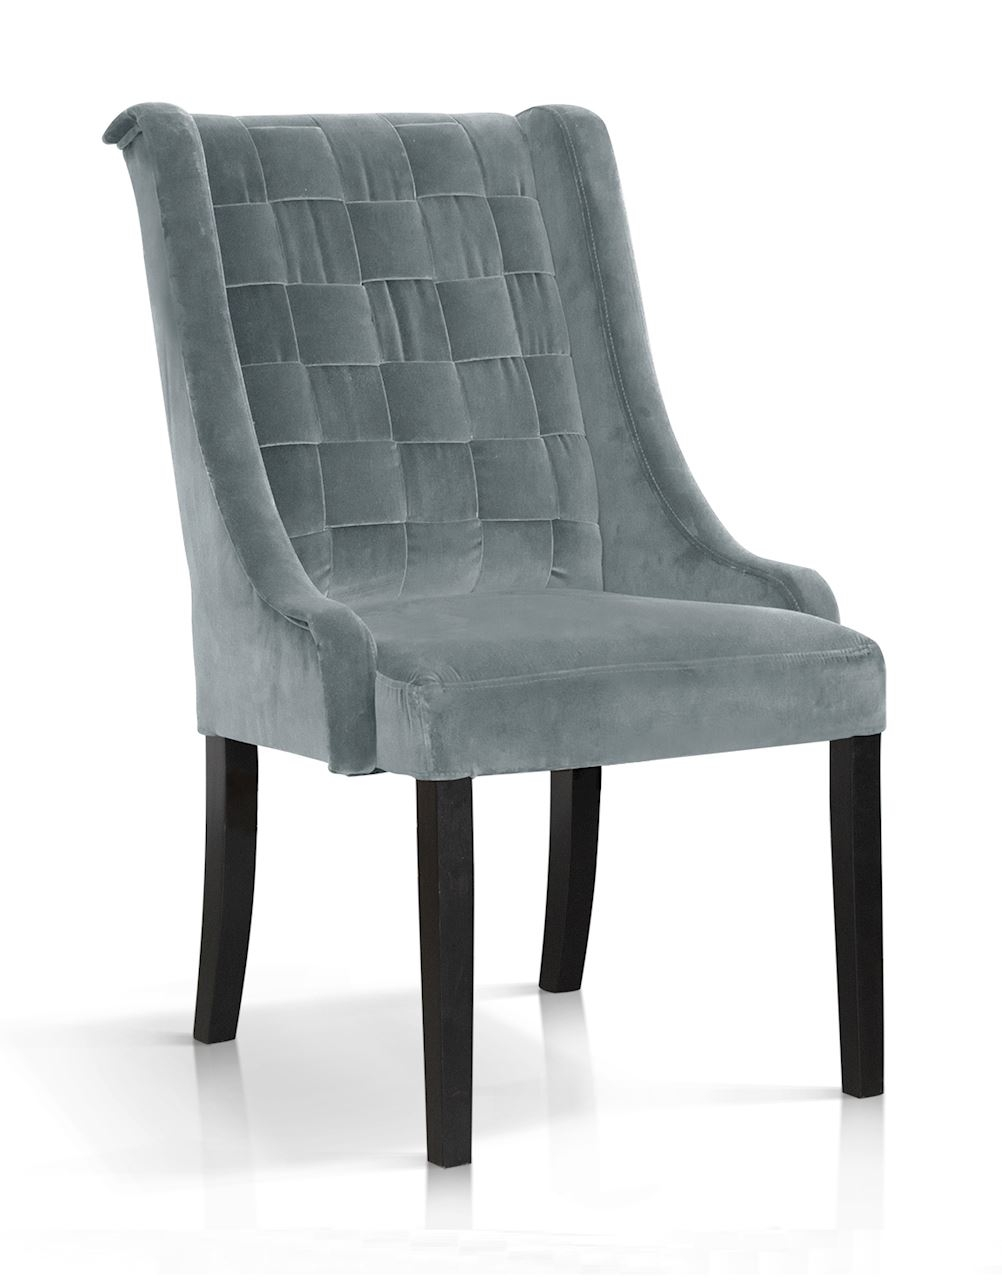 Scaun tapitat cu stofa, cu picioare din lemn Prince Gri / Negru, l55xA70xH105 cm